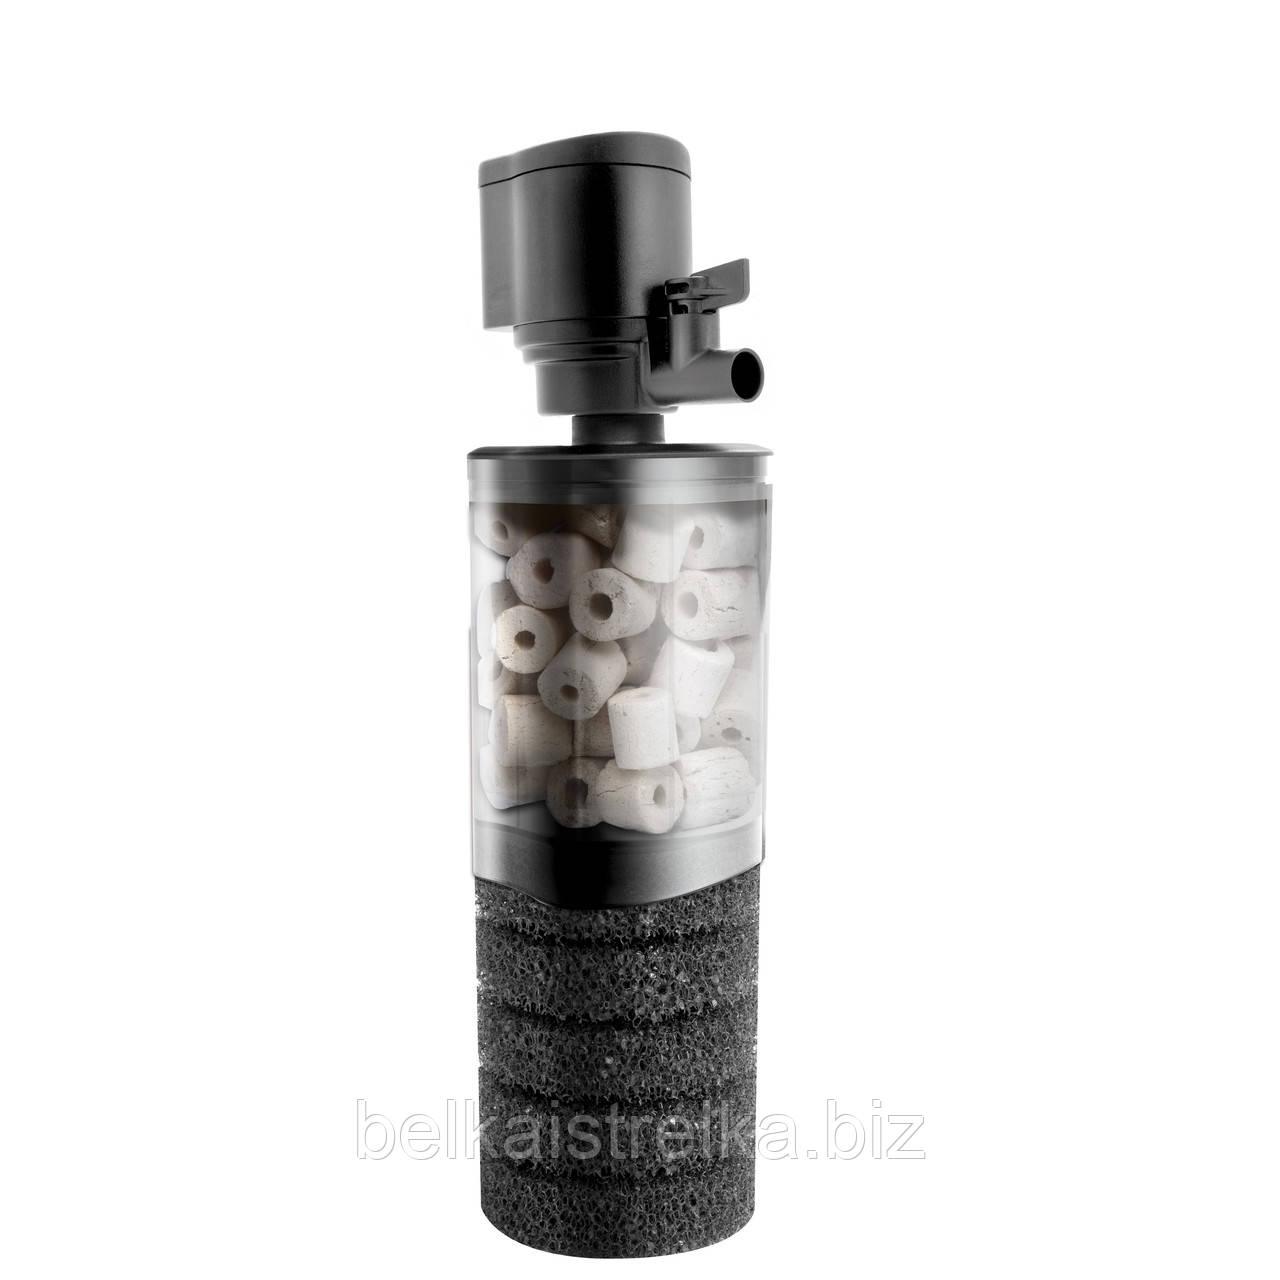 Внутренний фильтр Aquael TURBO Filter 500 NEW